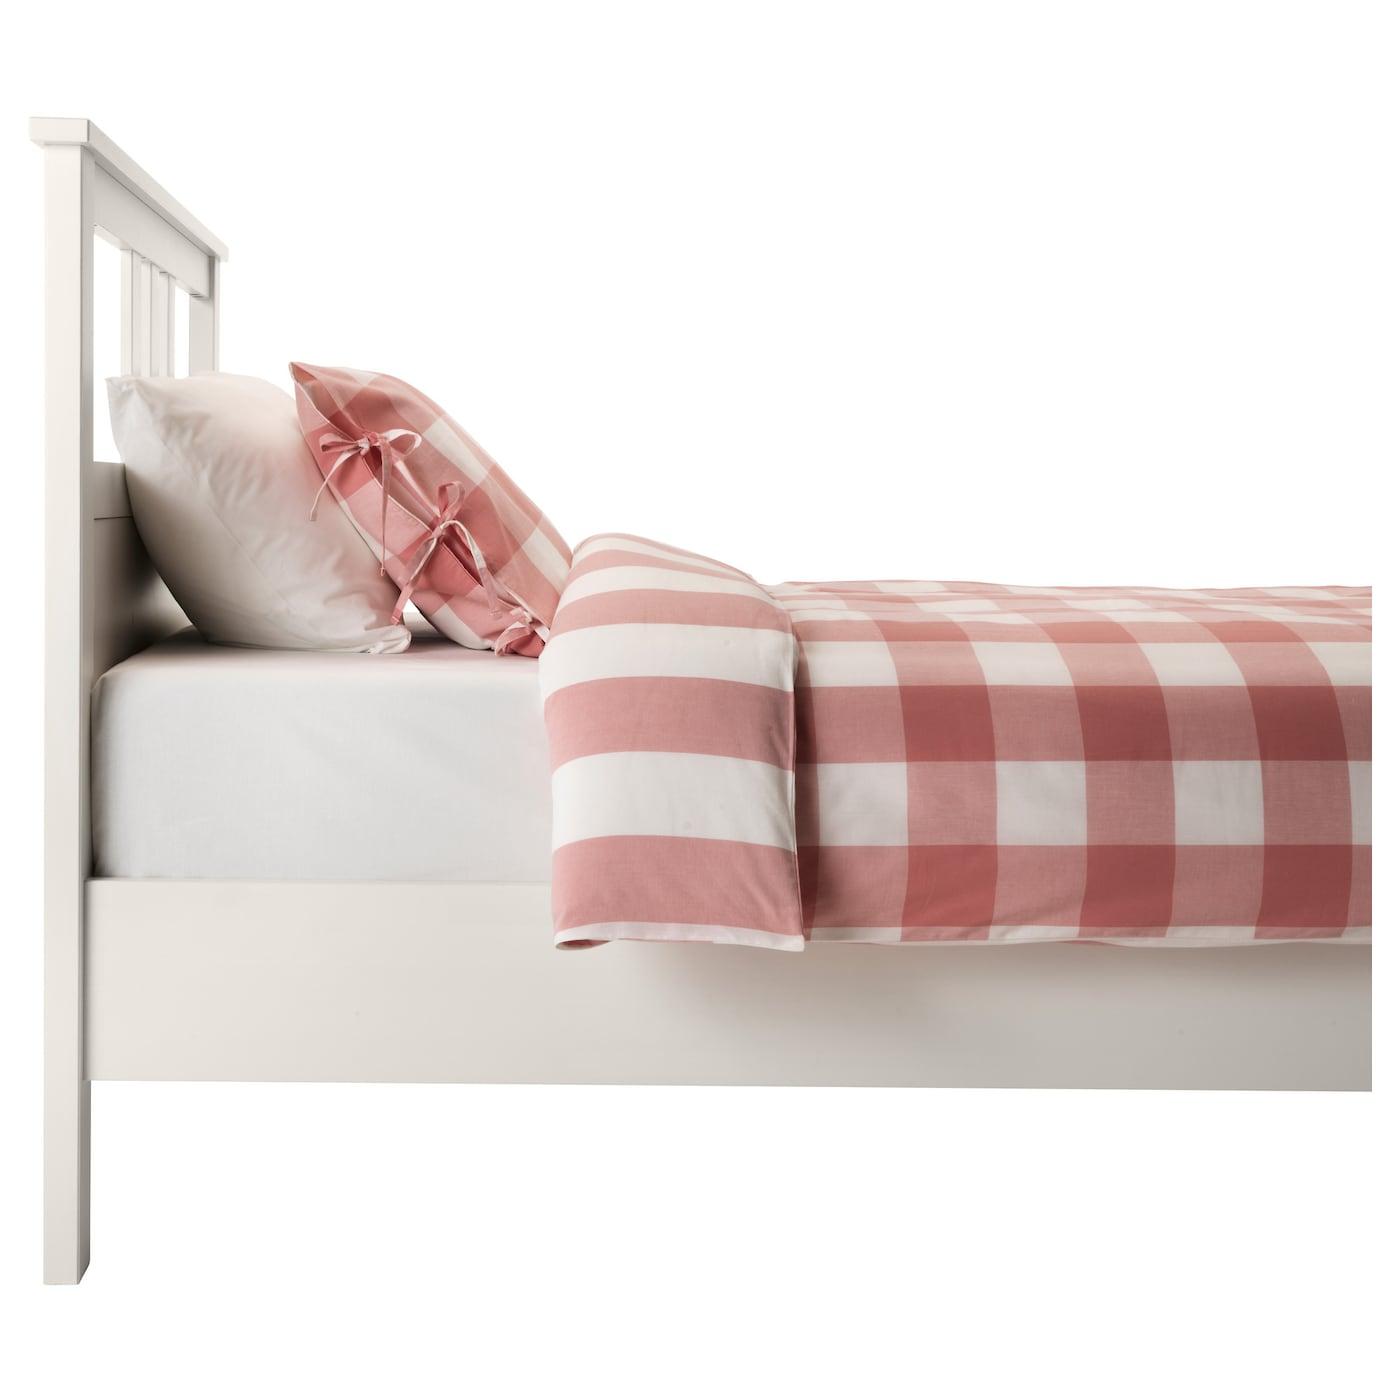 Hemnes estructura de cama tinte blanco lur y 90 x 200 cm - Estructuras de camas ...